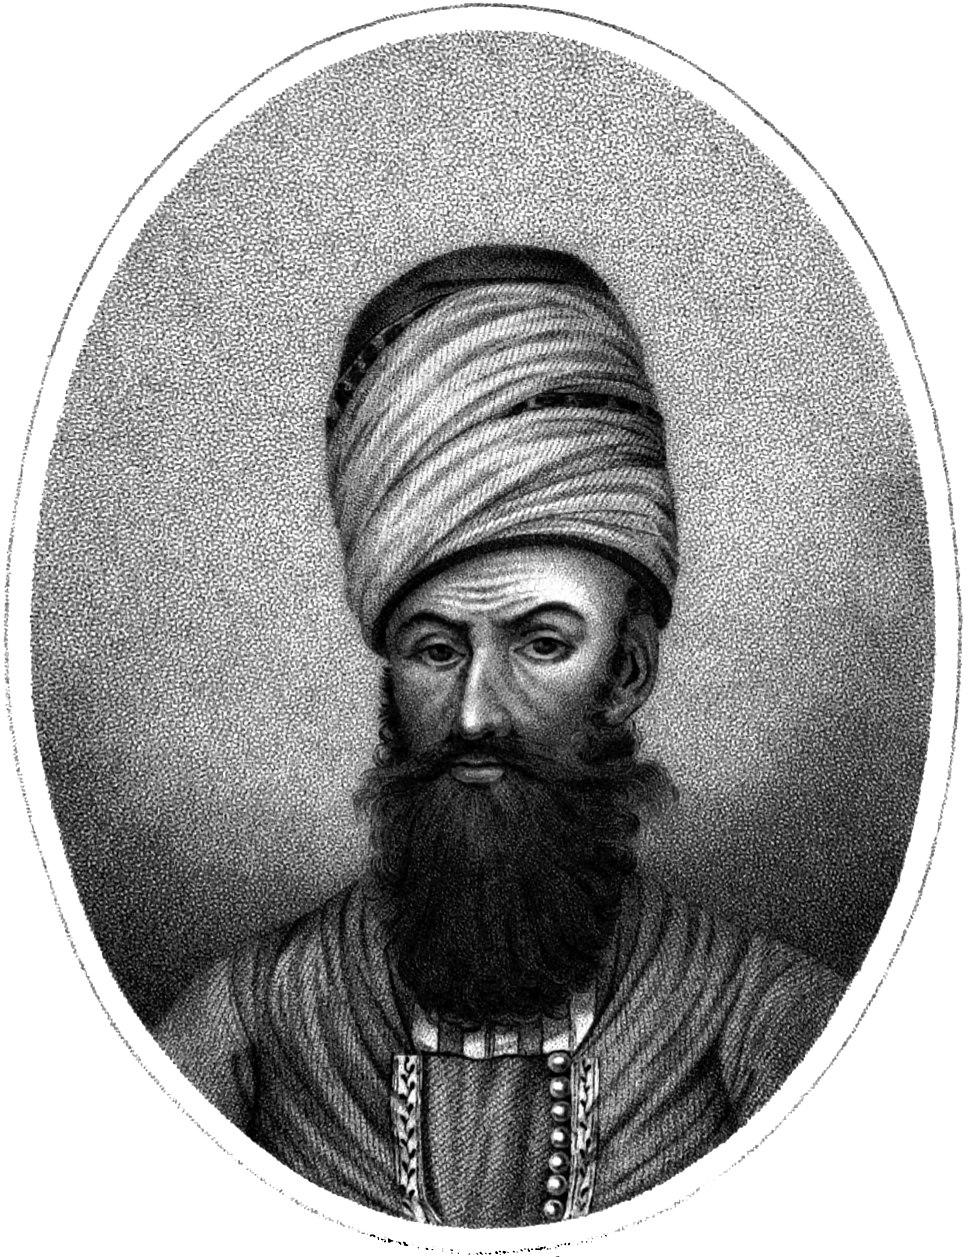 Karim Khan by Charles Heath